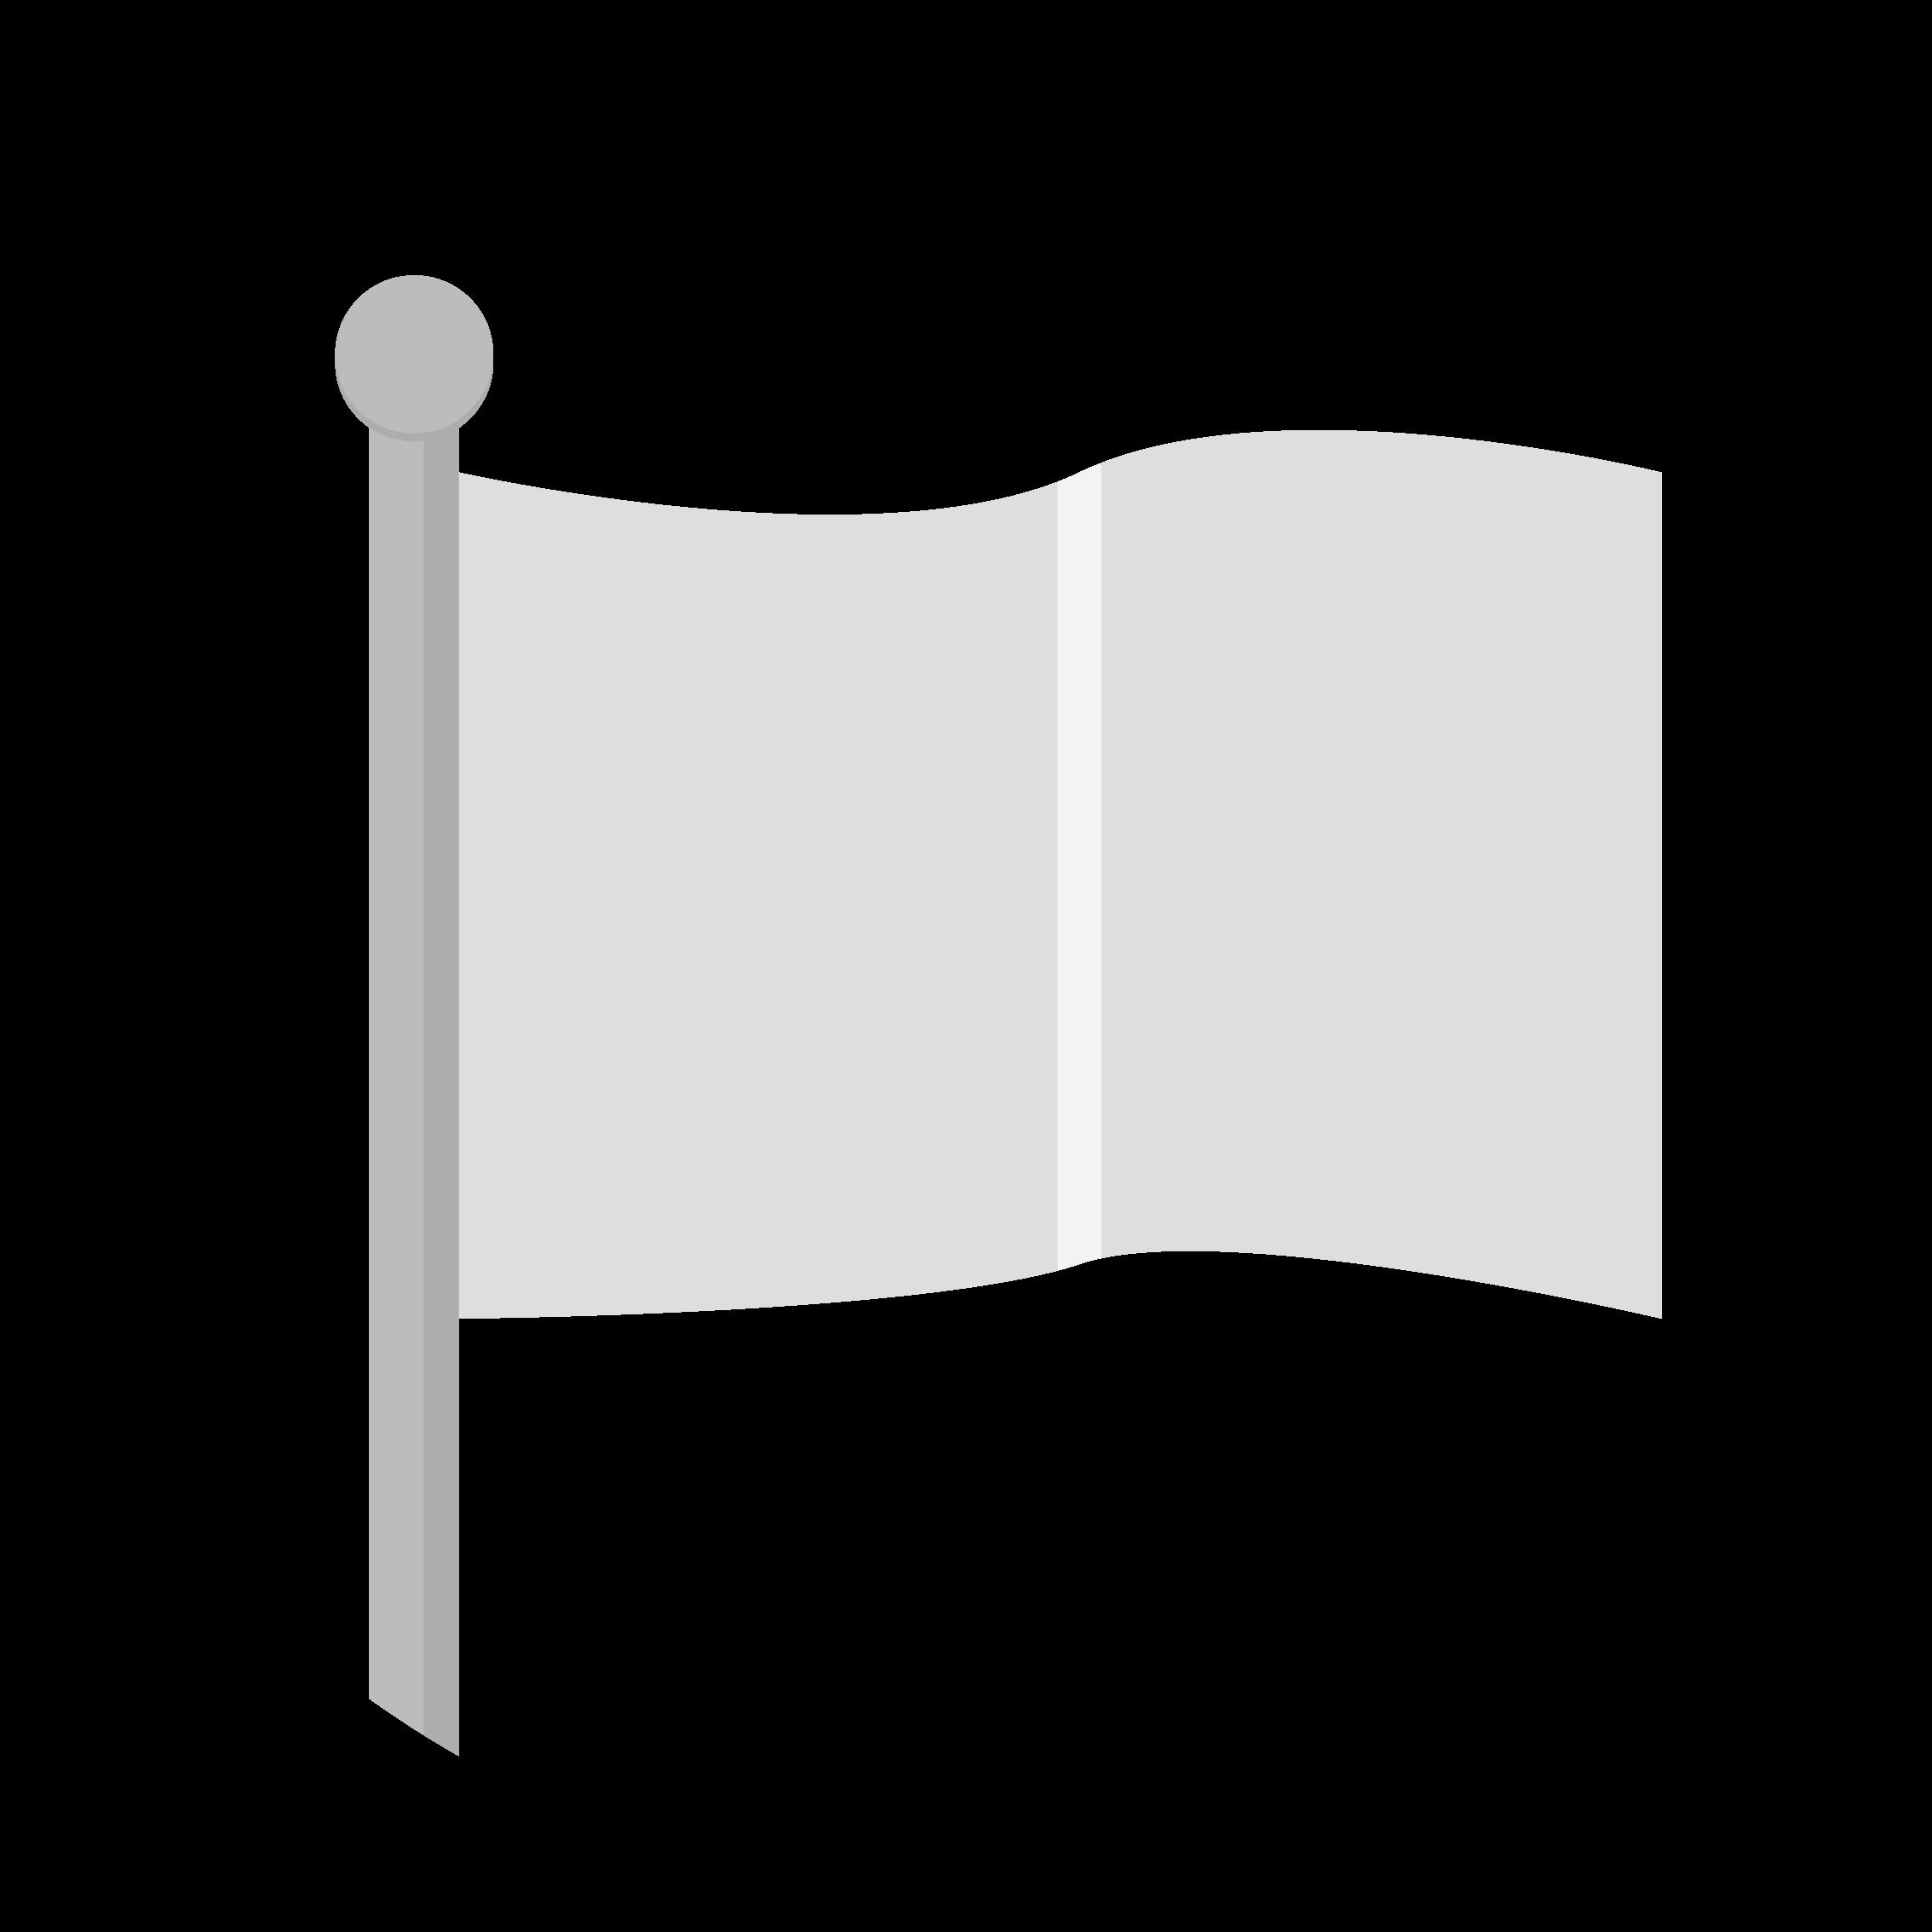 Signaal Vlaggenservice - Vlaggen